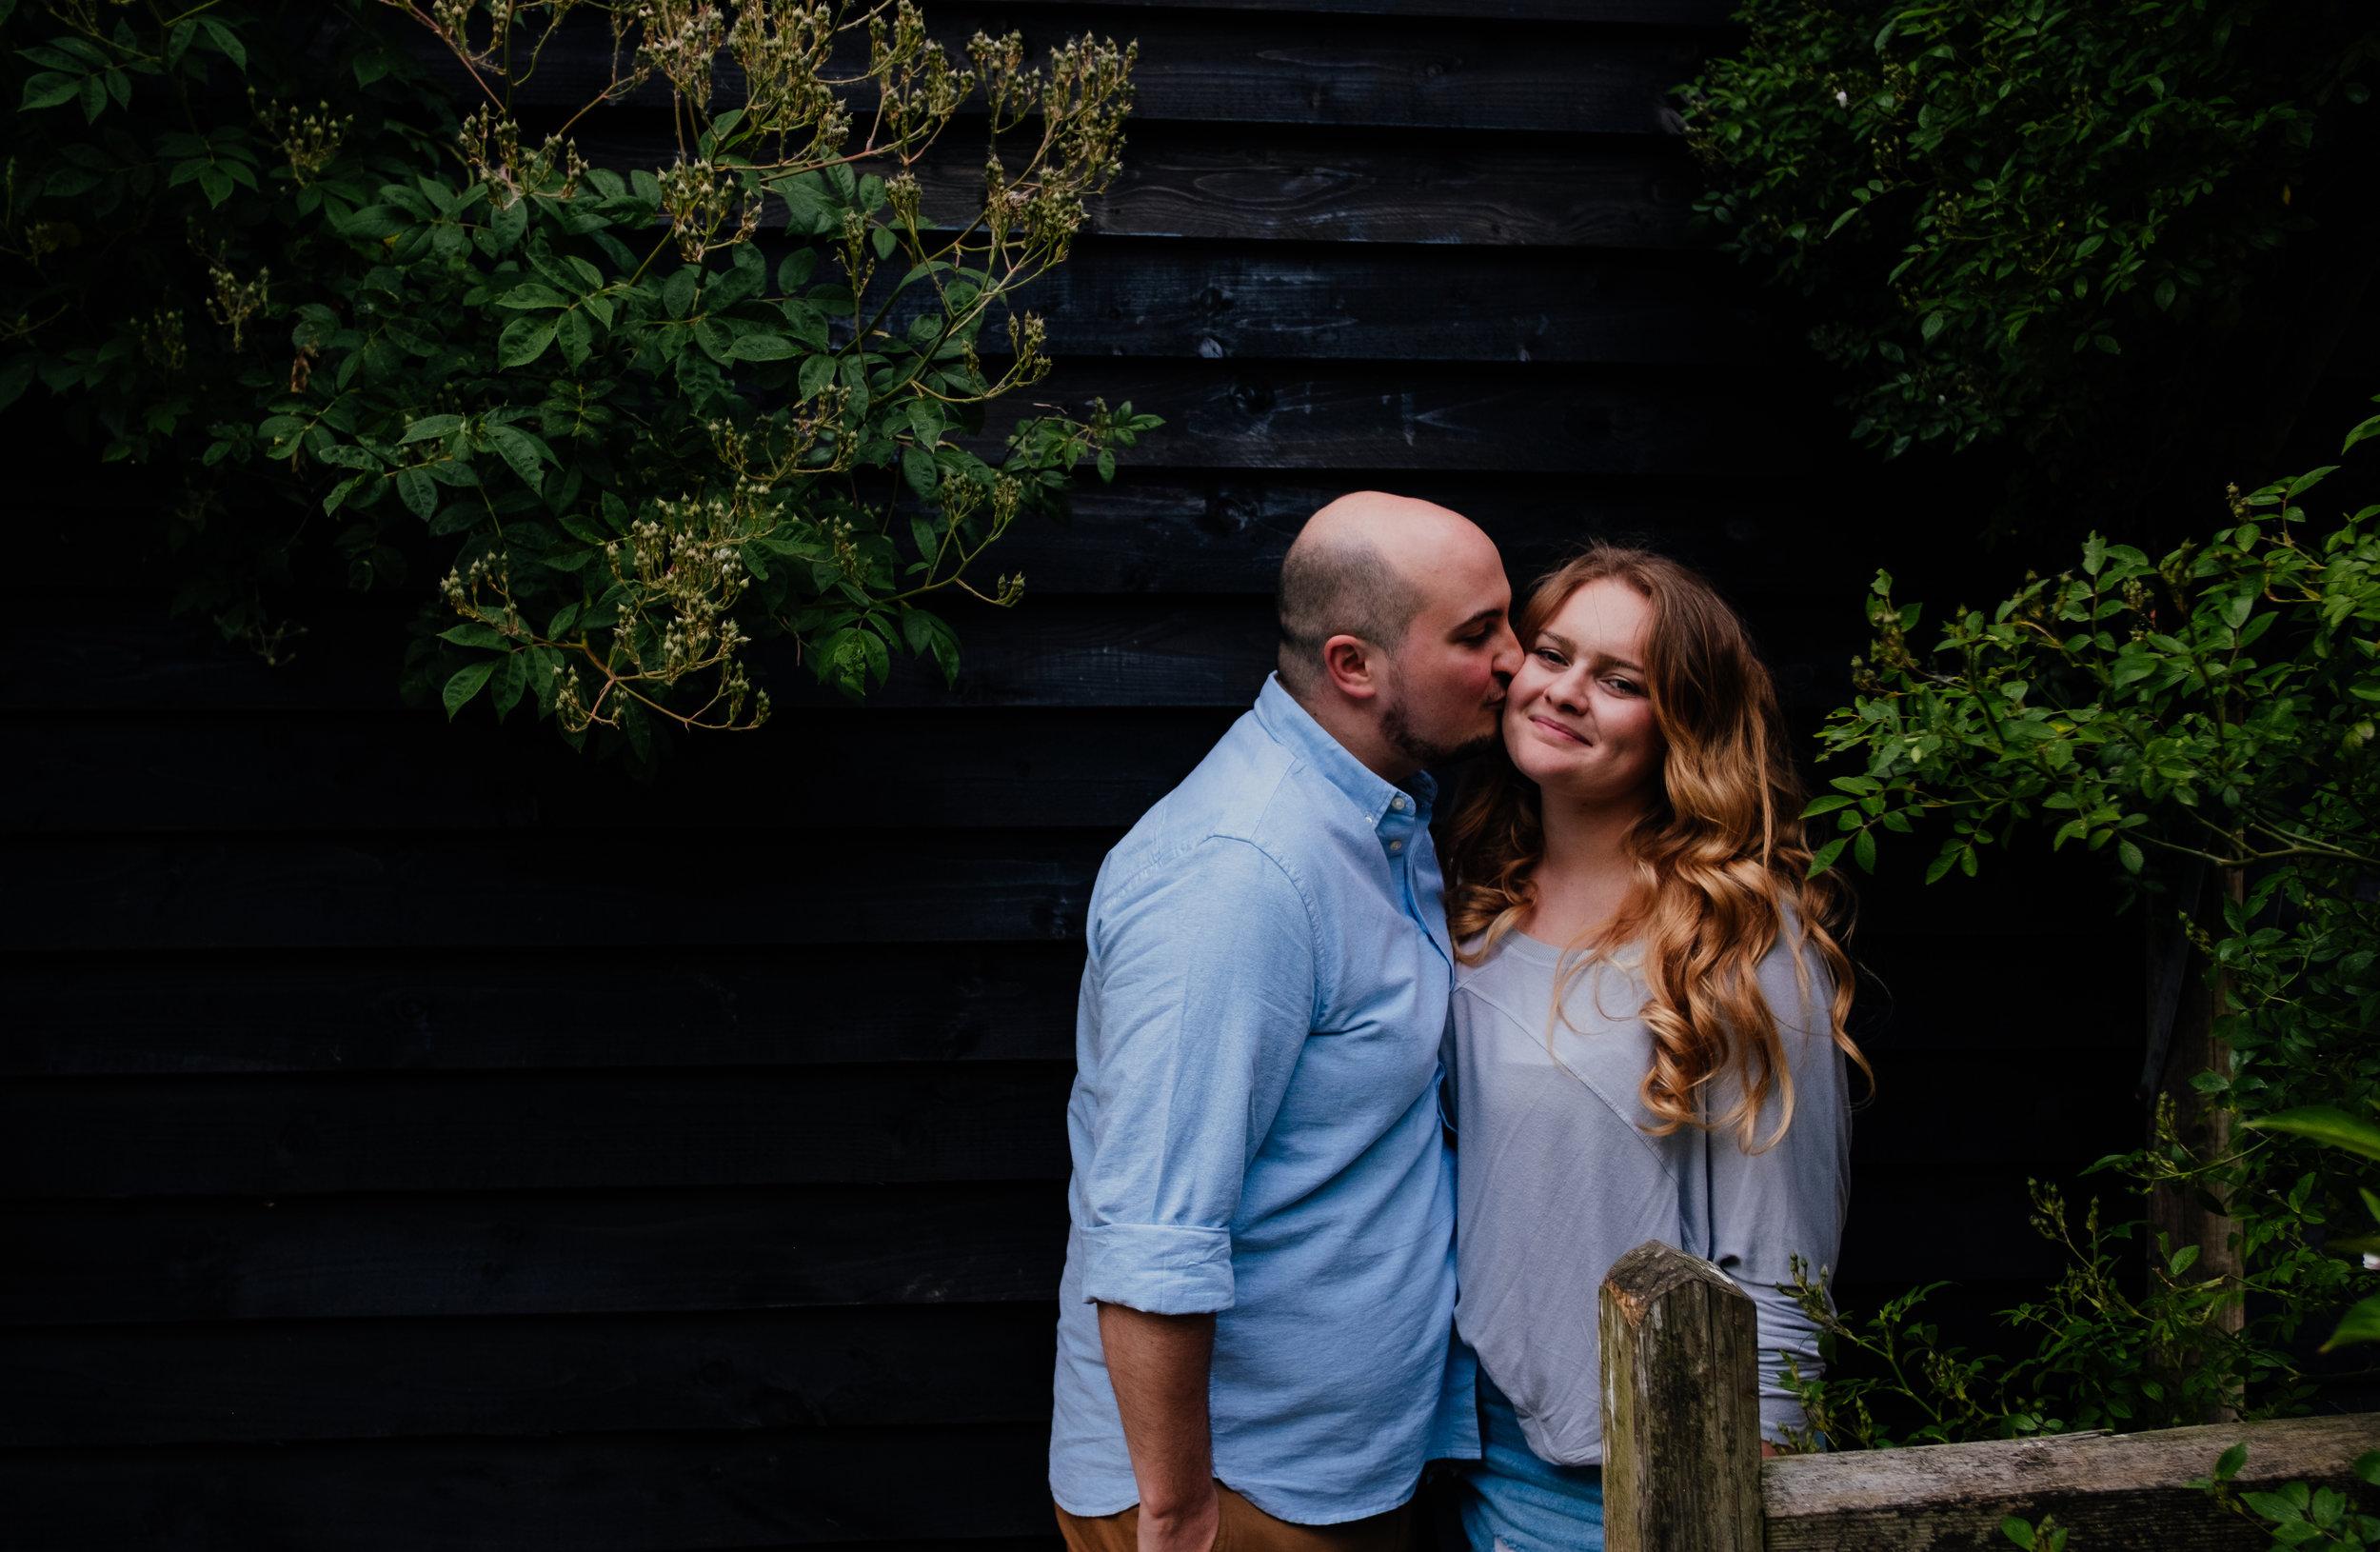 Rumbolds Barn wedding photography